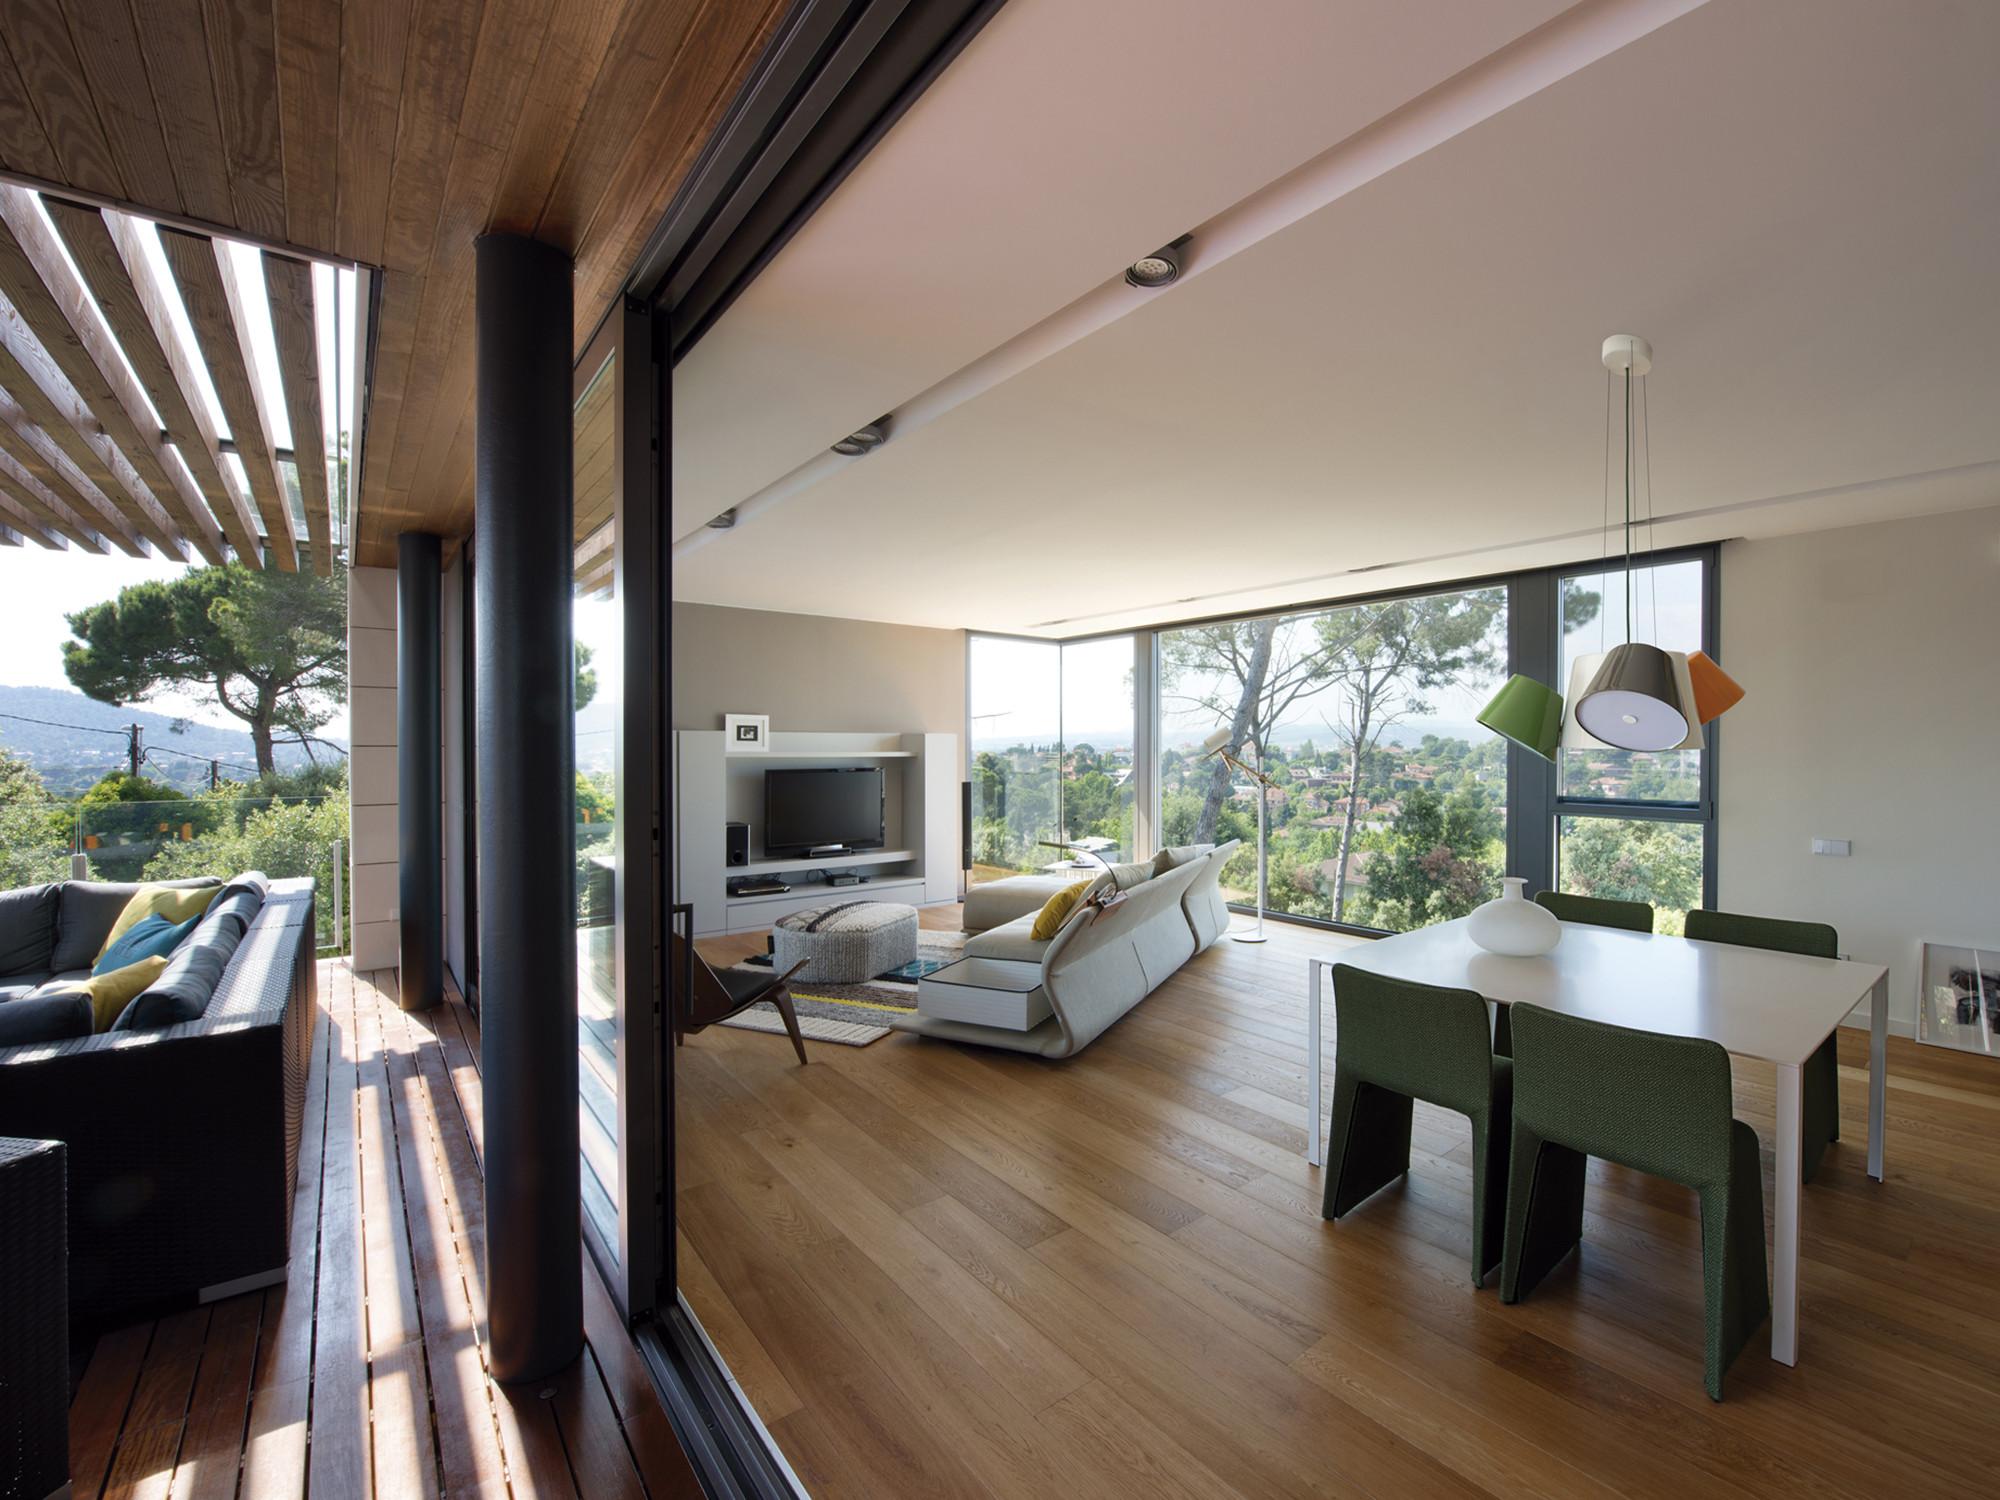 R House gallery of r house / artigas arquitectes - 5